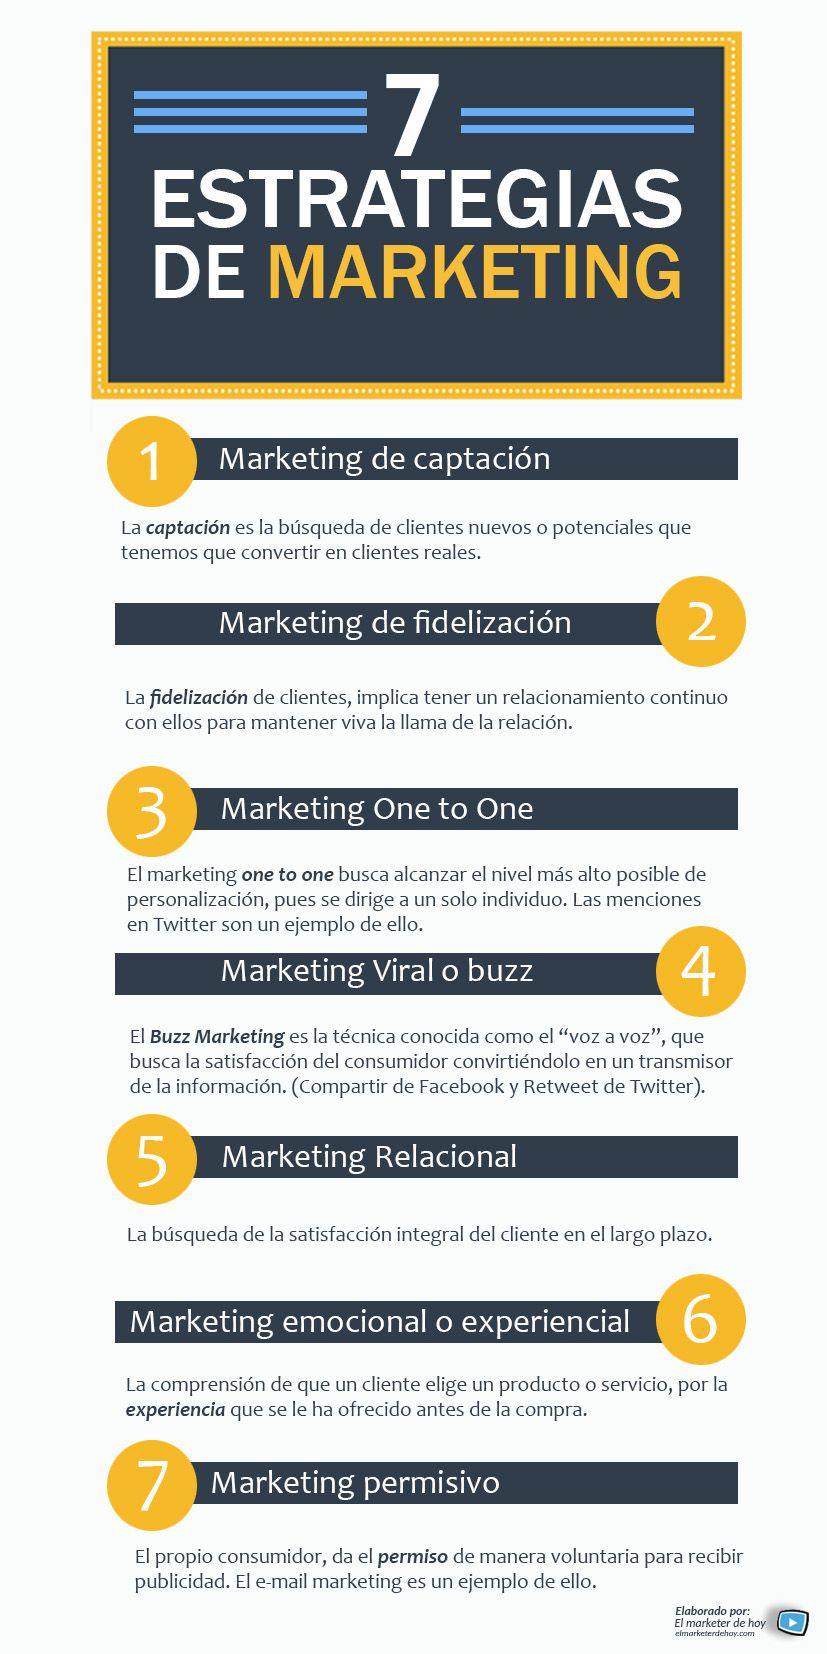 7 Estrategias de Marketing #Infografía   comportamiento del